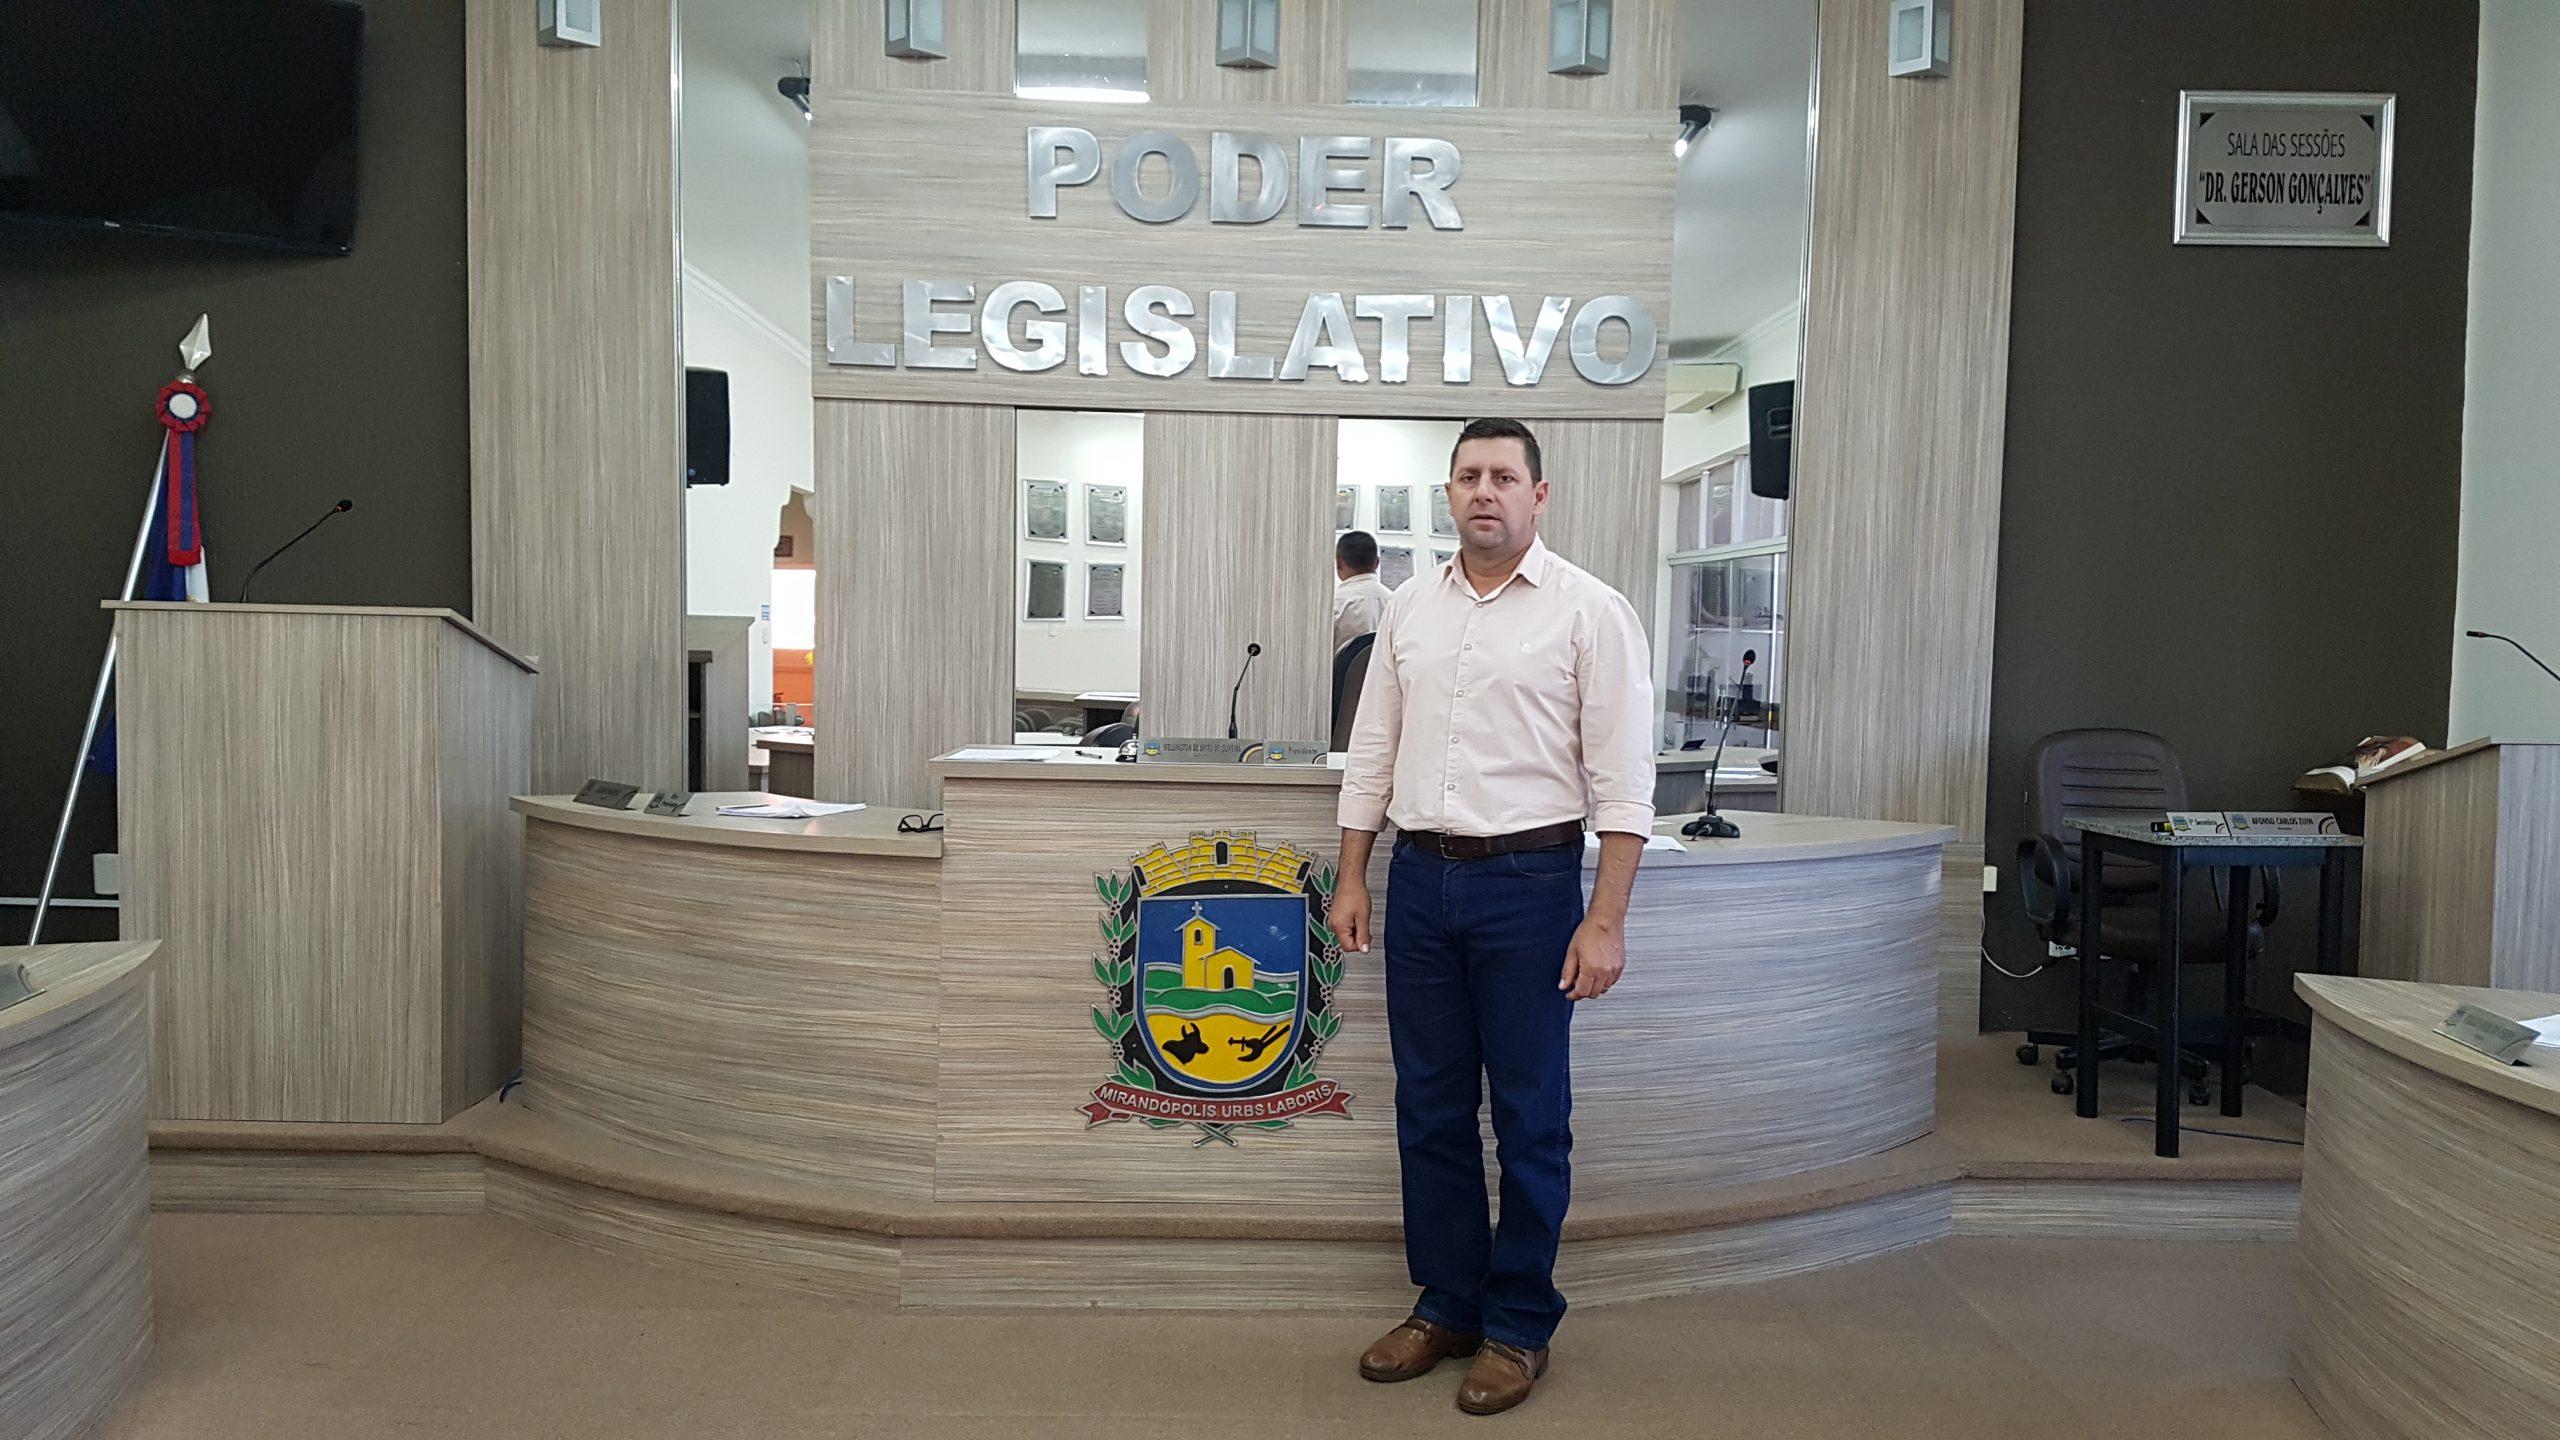 Almir Marini confirma que não pensa em reeleição e destaca projetos, emendas e indicações realizadas como principais entregas para Mirandópolis